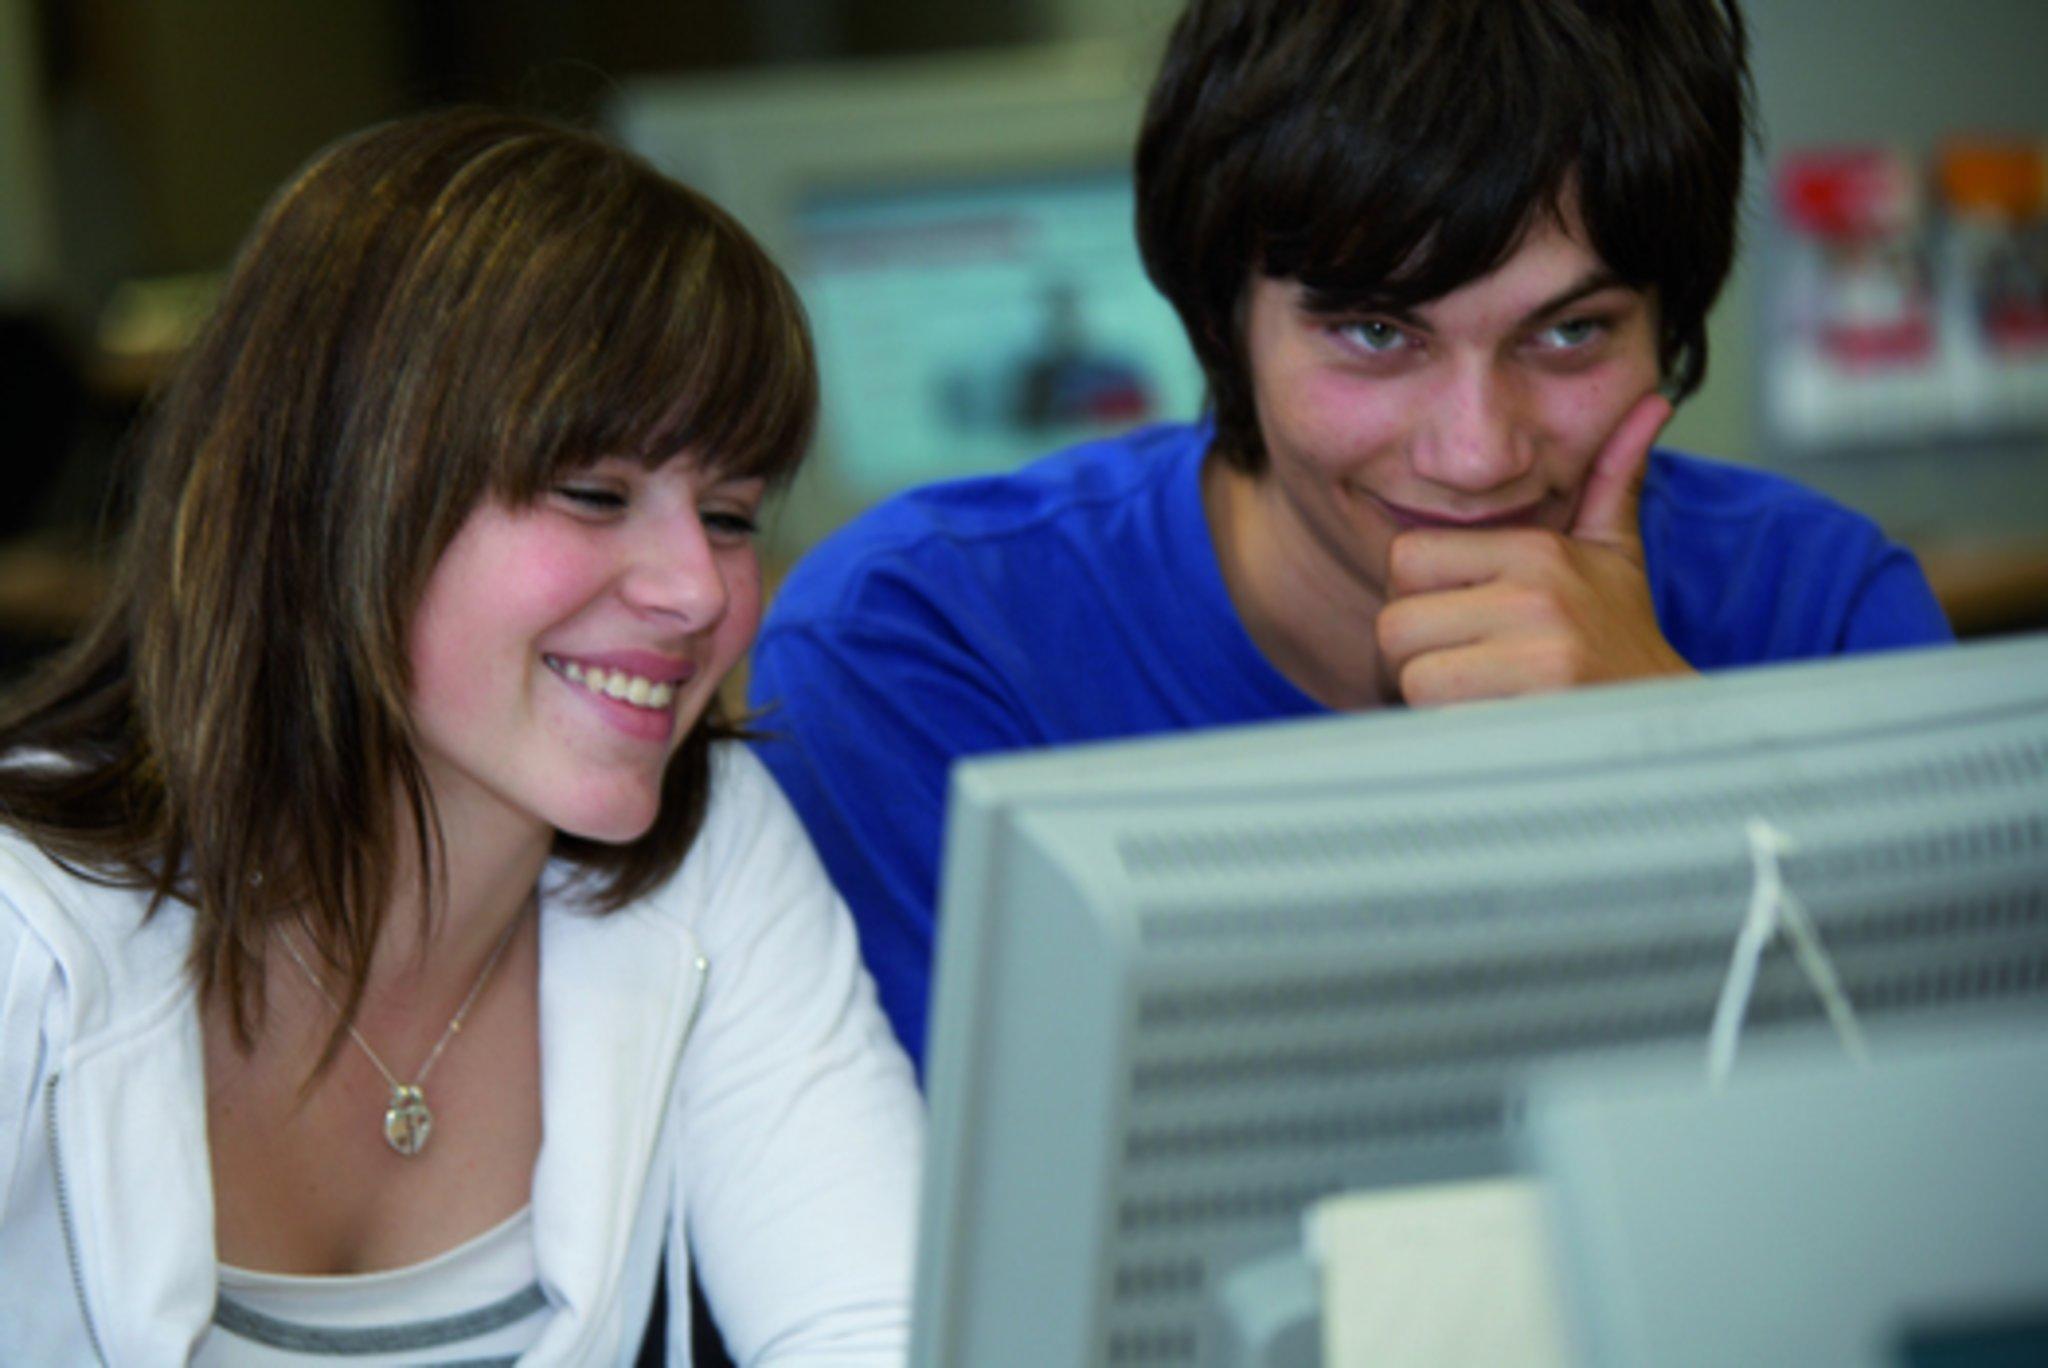 """Chat für Schüler zum Thema """"Typisch Mann, typisch Frau"""